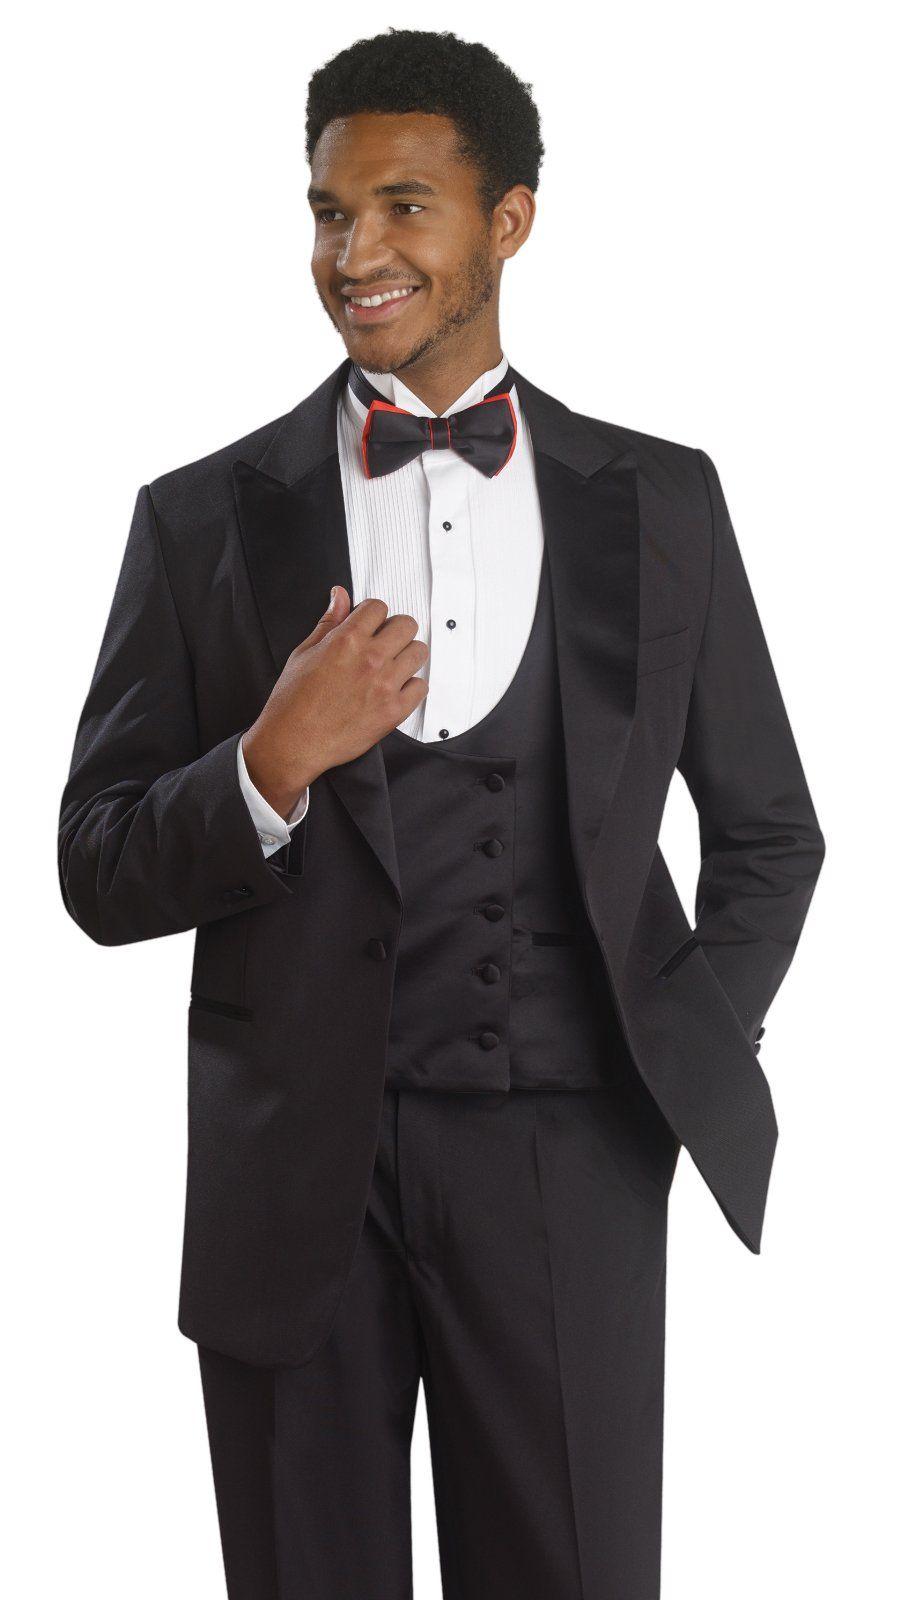 EJ Black Tuxedo 3 Piece Mens Formal Suit Double Breasted Vest TUX104 ...